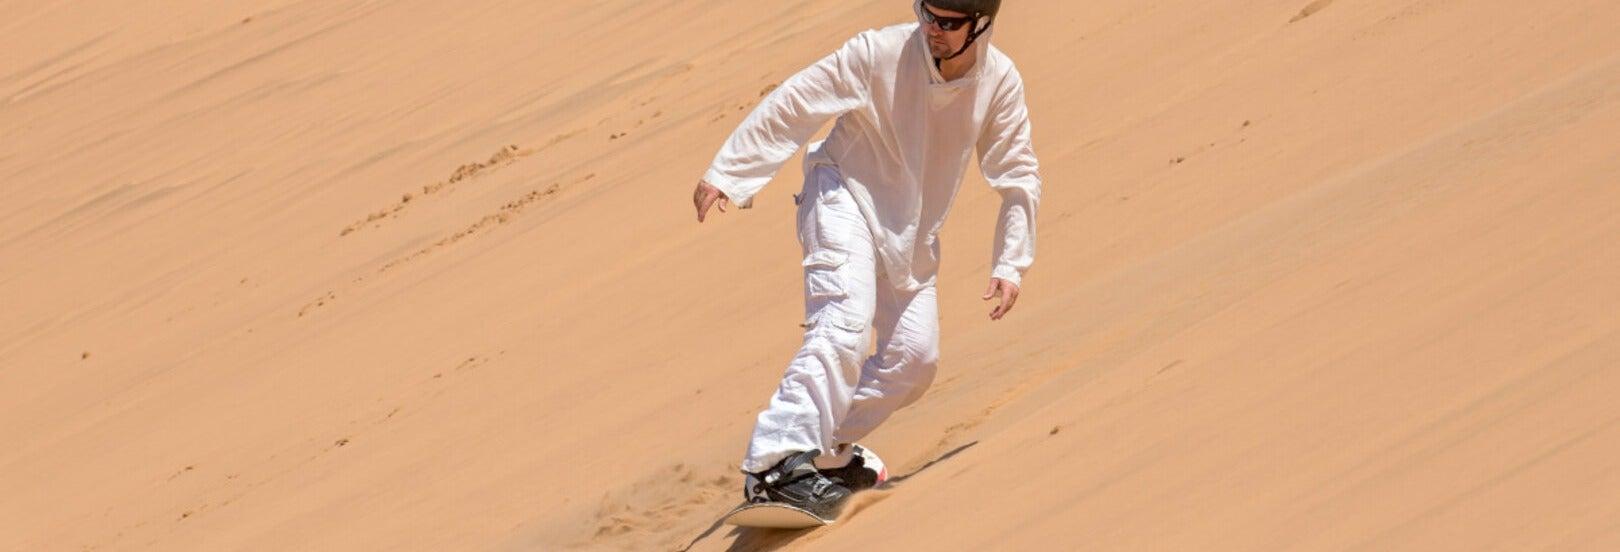 Sandboarding in the Namib